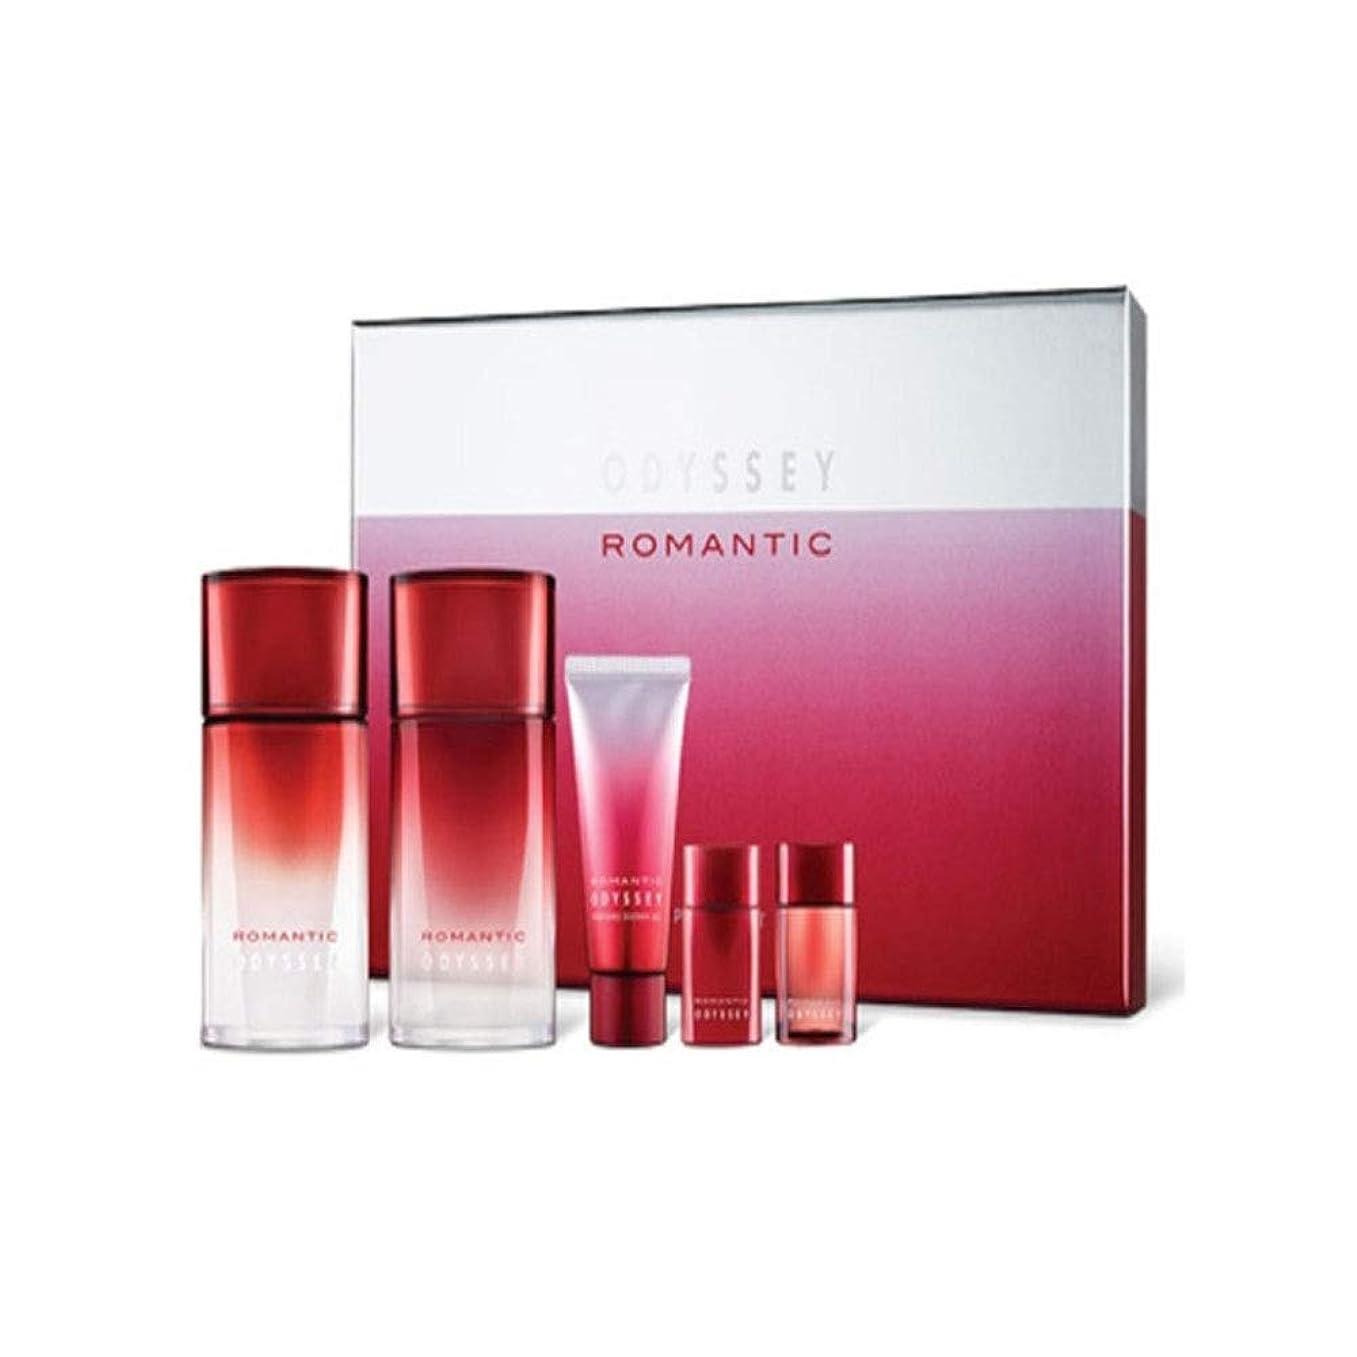 刺す出費即席オデッセイロマンチックスキンリファイナーローションセットメンズコスメ韓国コスメ、Odyssey Romantic Skin Refiner Lotion Set Men's Cosmetics Korean Cosmetics [並行輸入品]